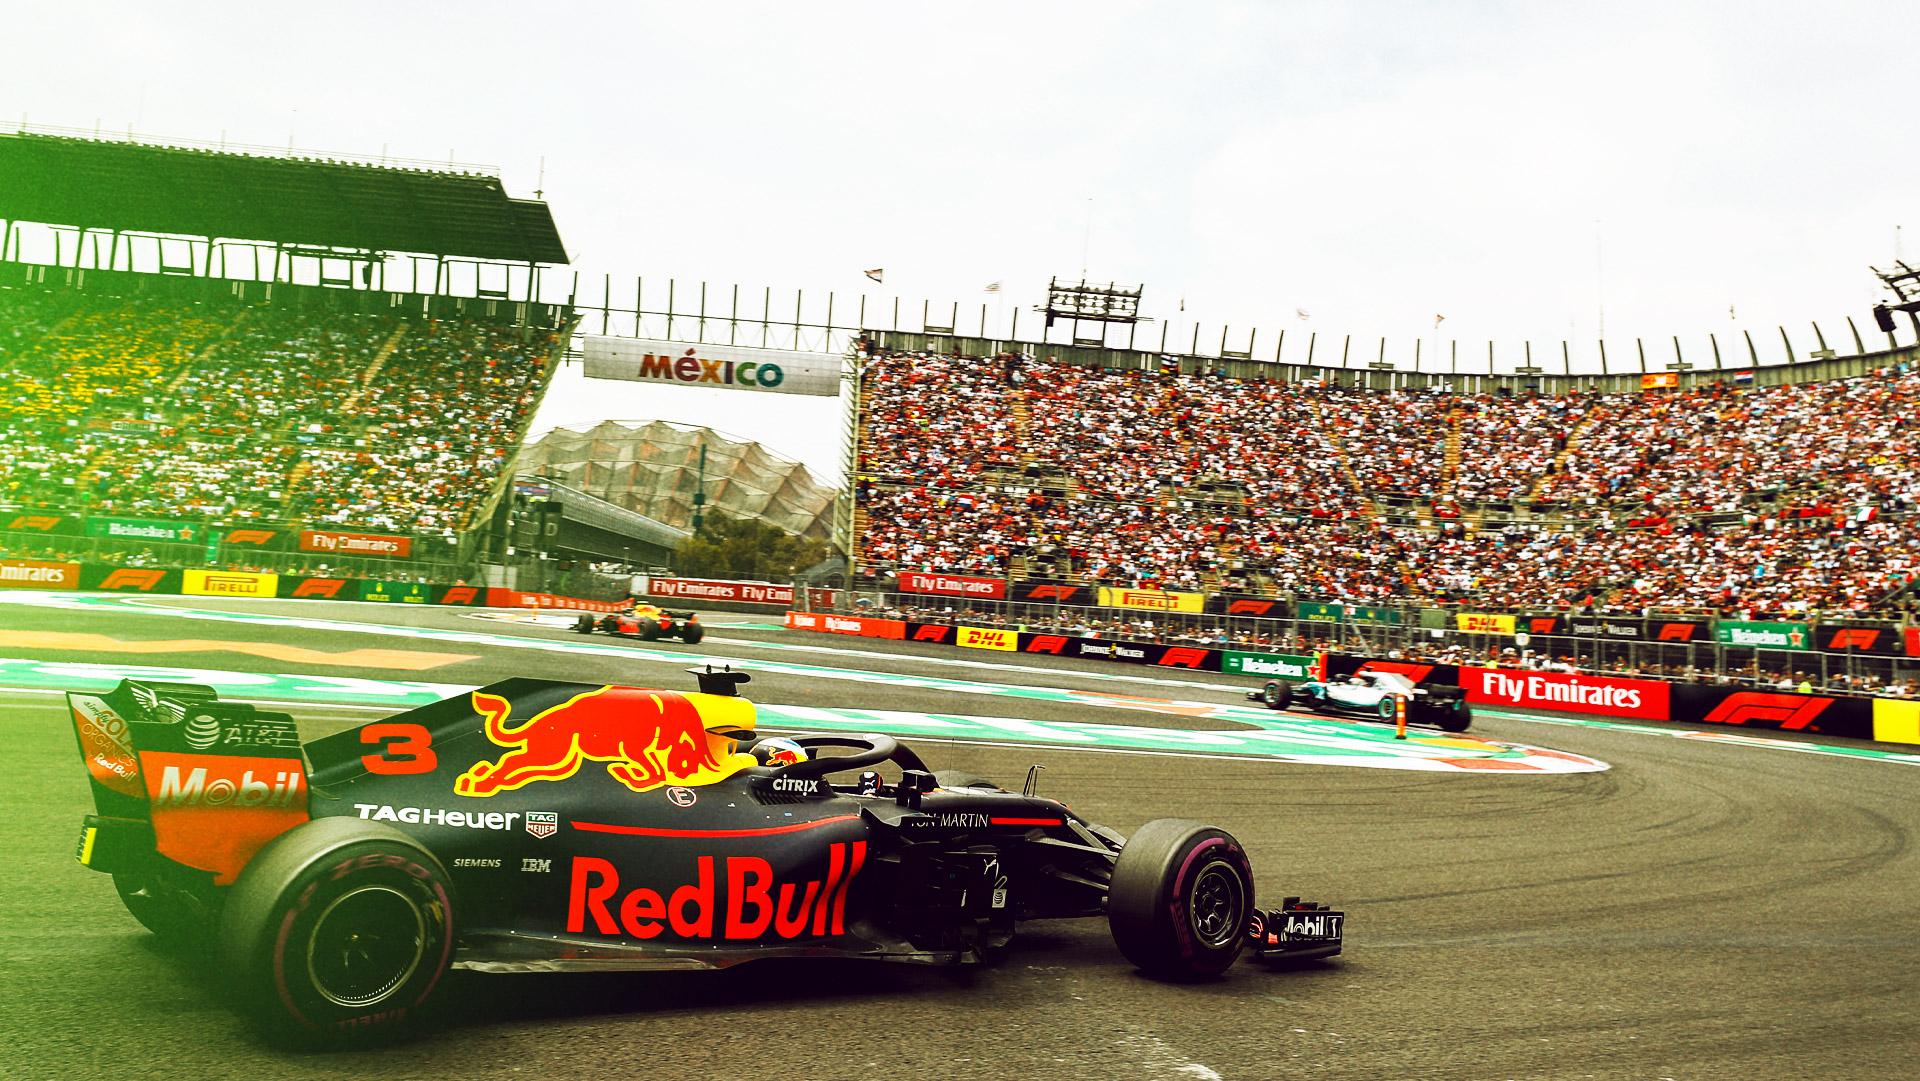 F1墨西哥大奖赛